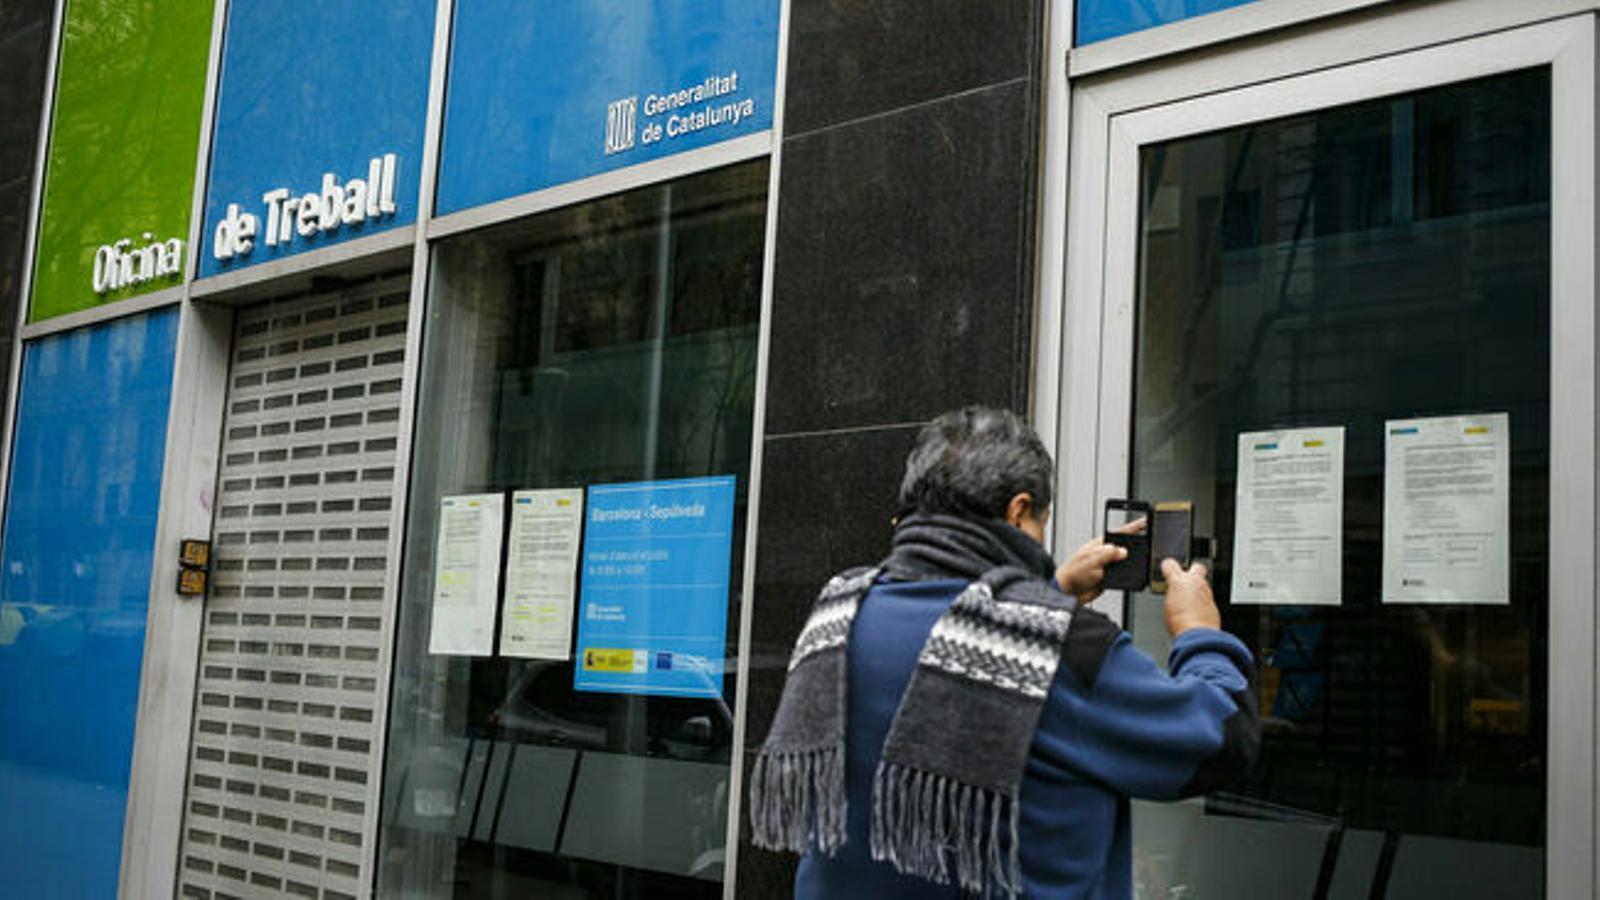 Els autònoms encara no poden demanar l'ajut de 2.000 euros a la Generalitat perquè no s'ha publicat al DOGC